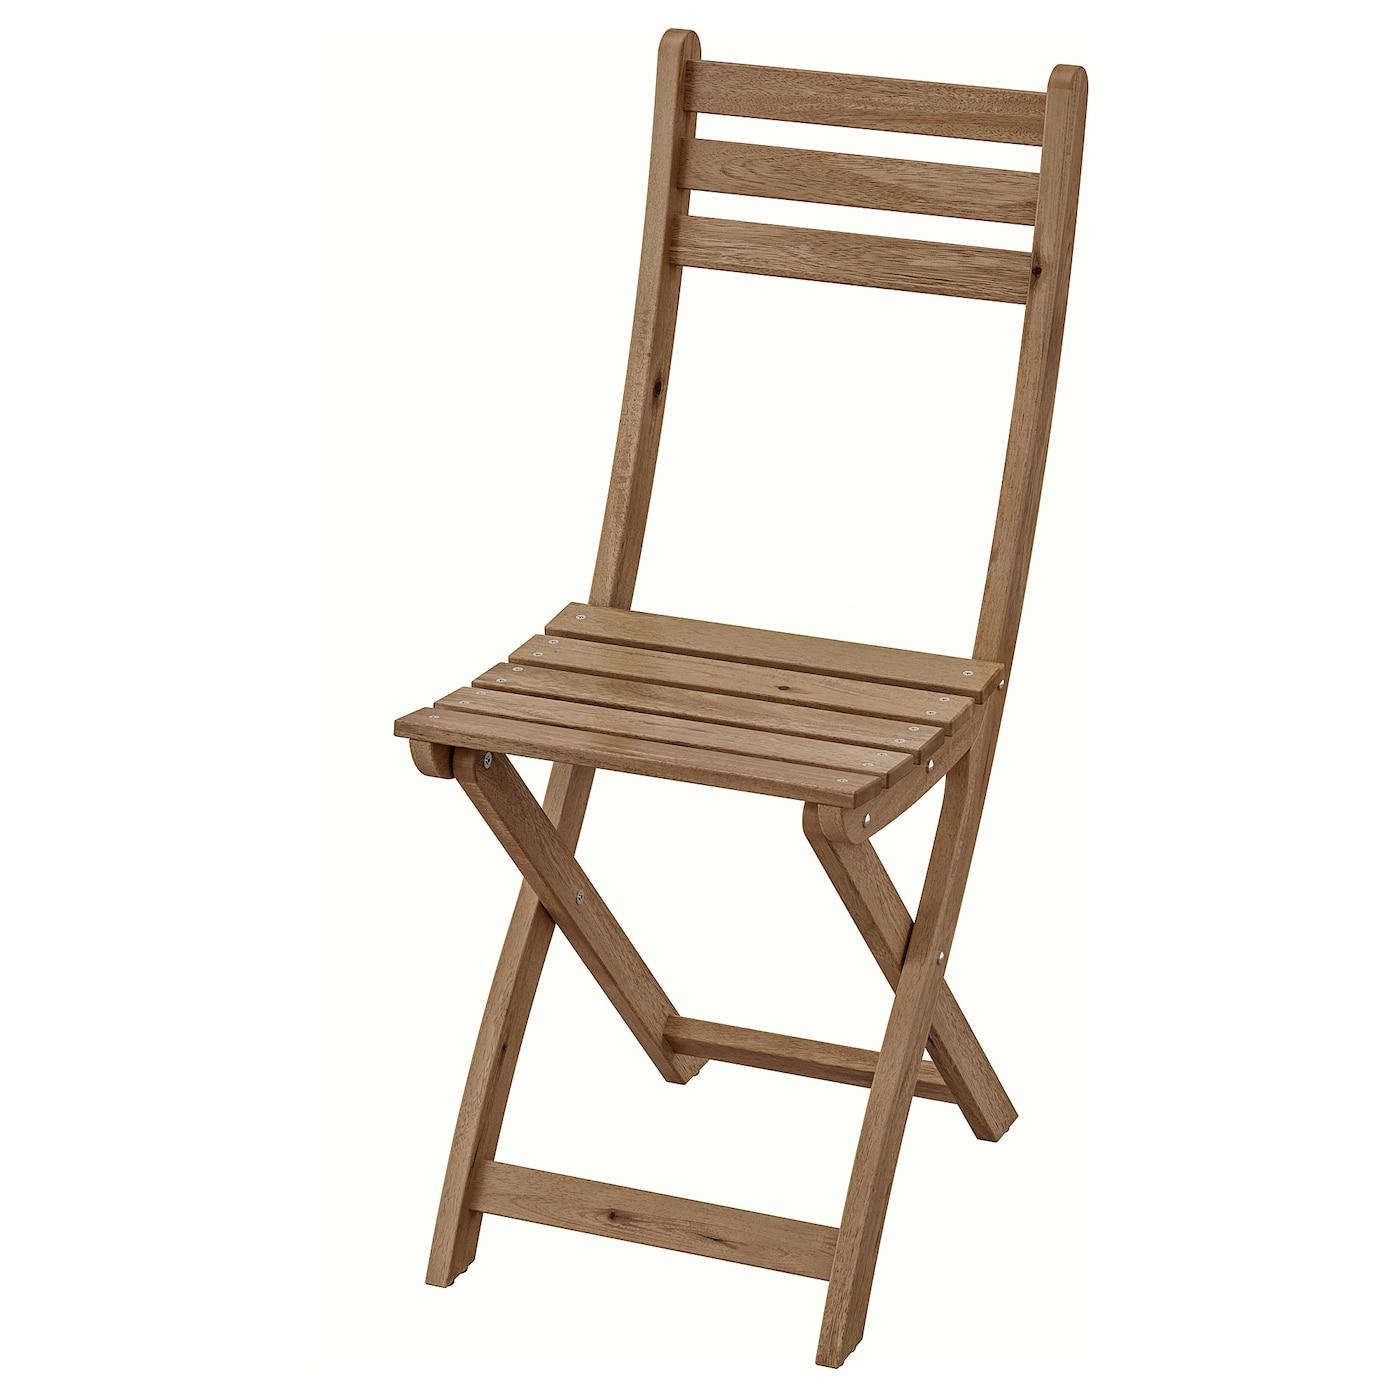 Silla plegable terraza de madera-De Peluche Para Niños al Aire Libre Jardín De Camping